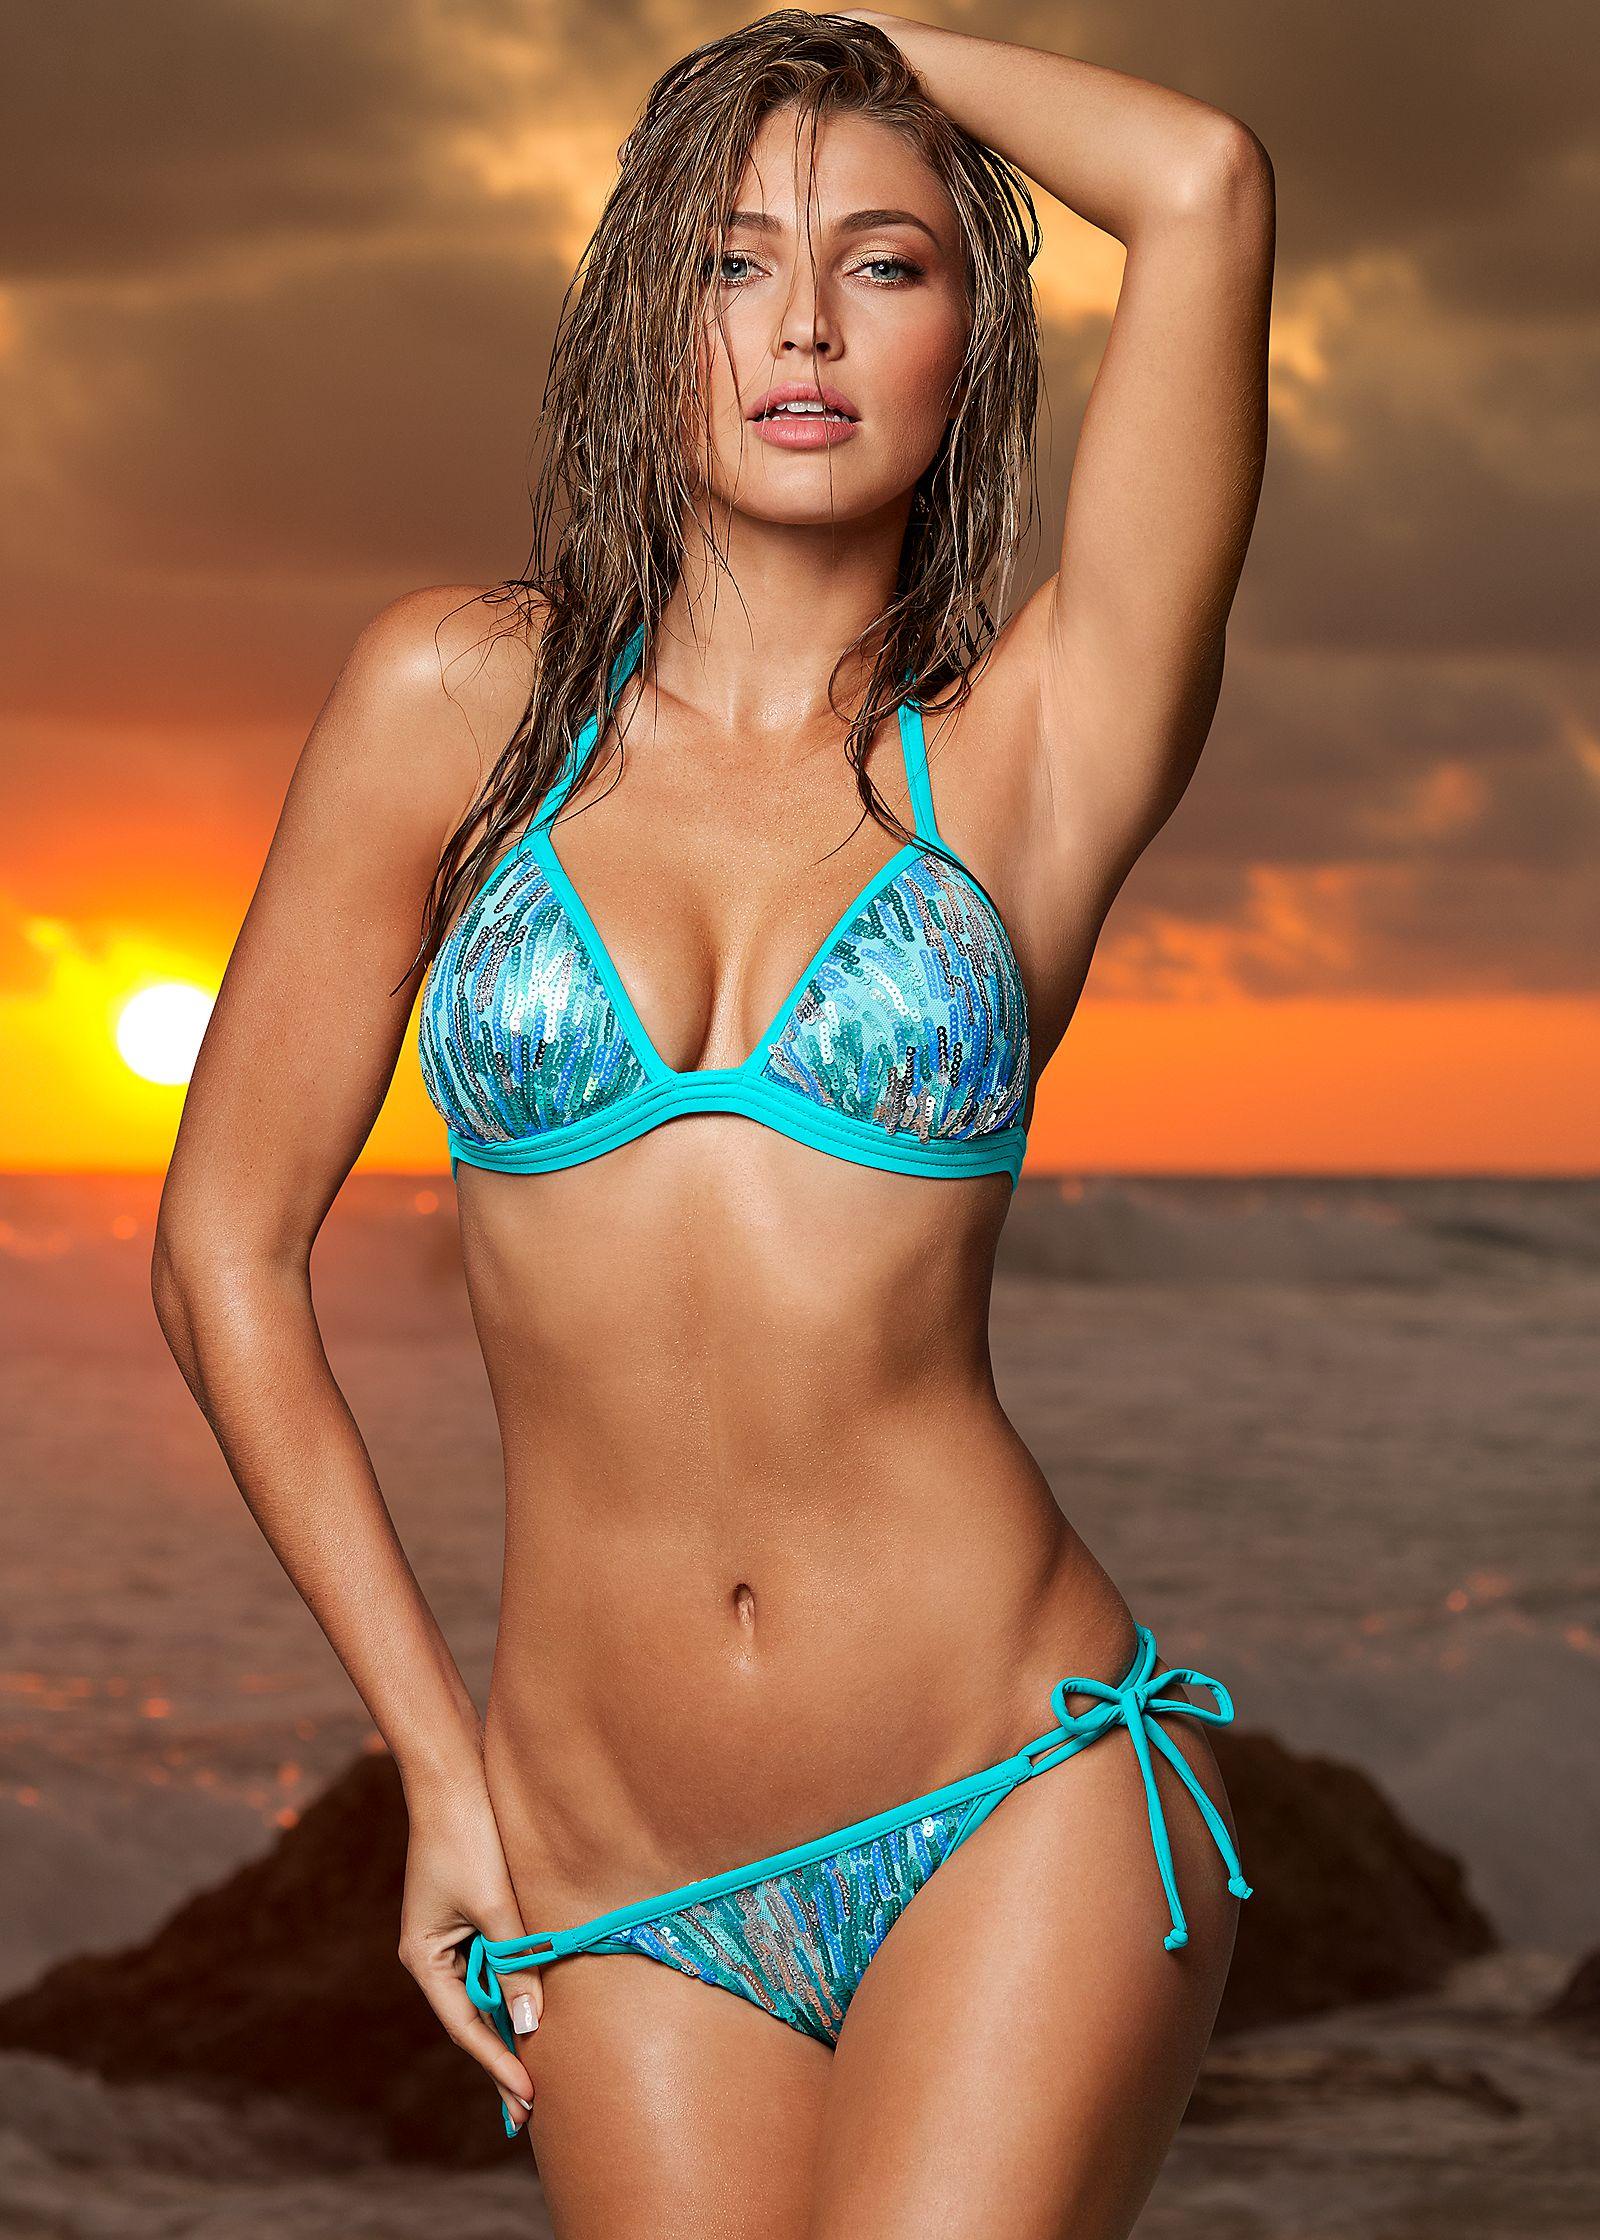 Wife in string bikini